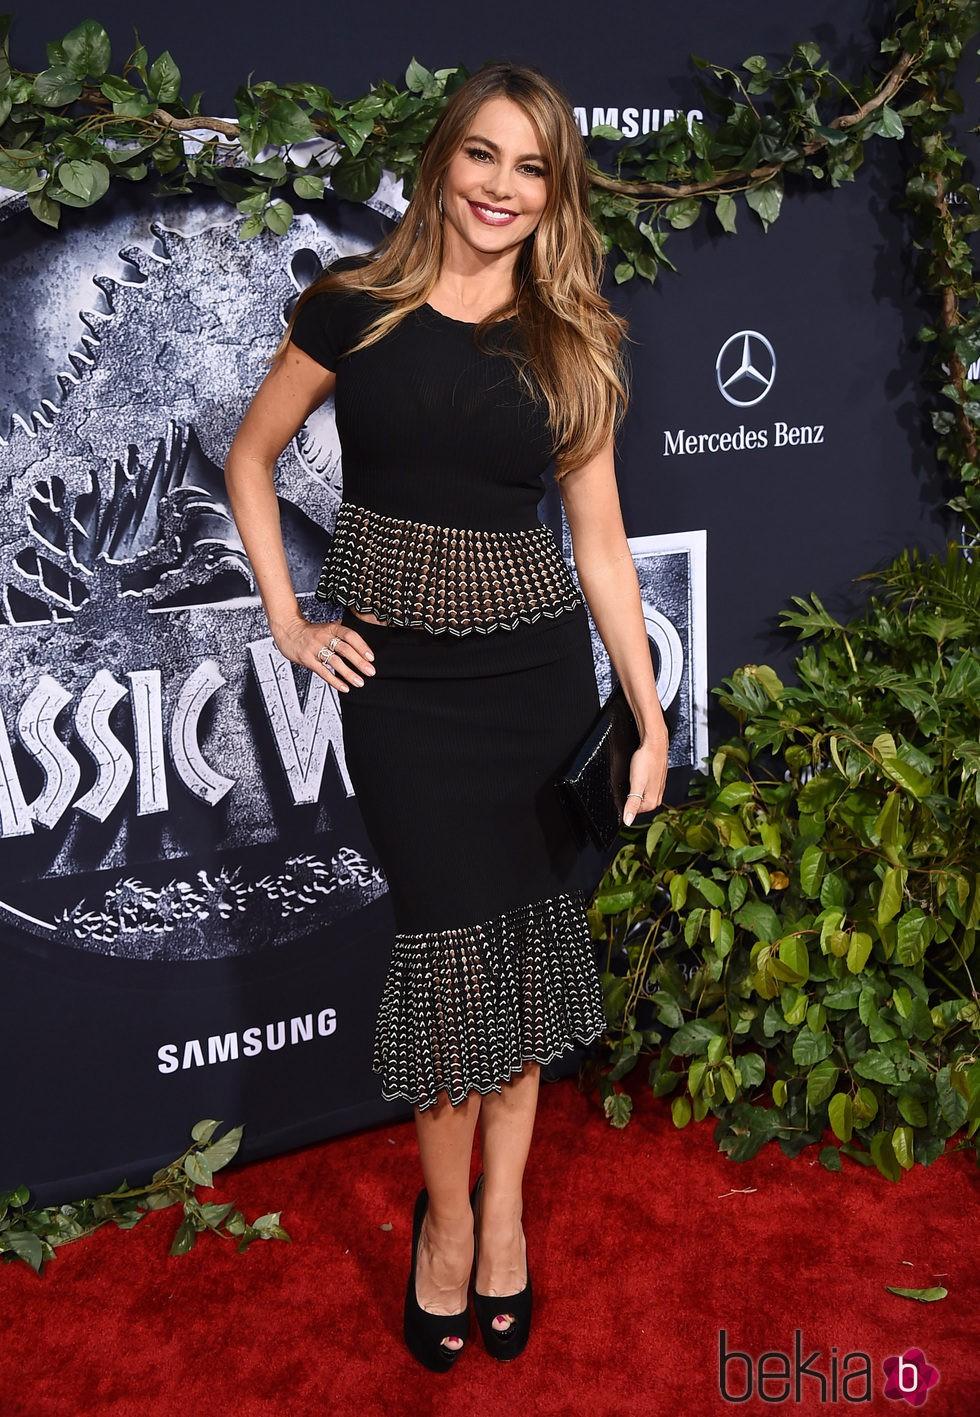 Sofía Vergara en el estreno de 'Jurassic World' en Los Angeles